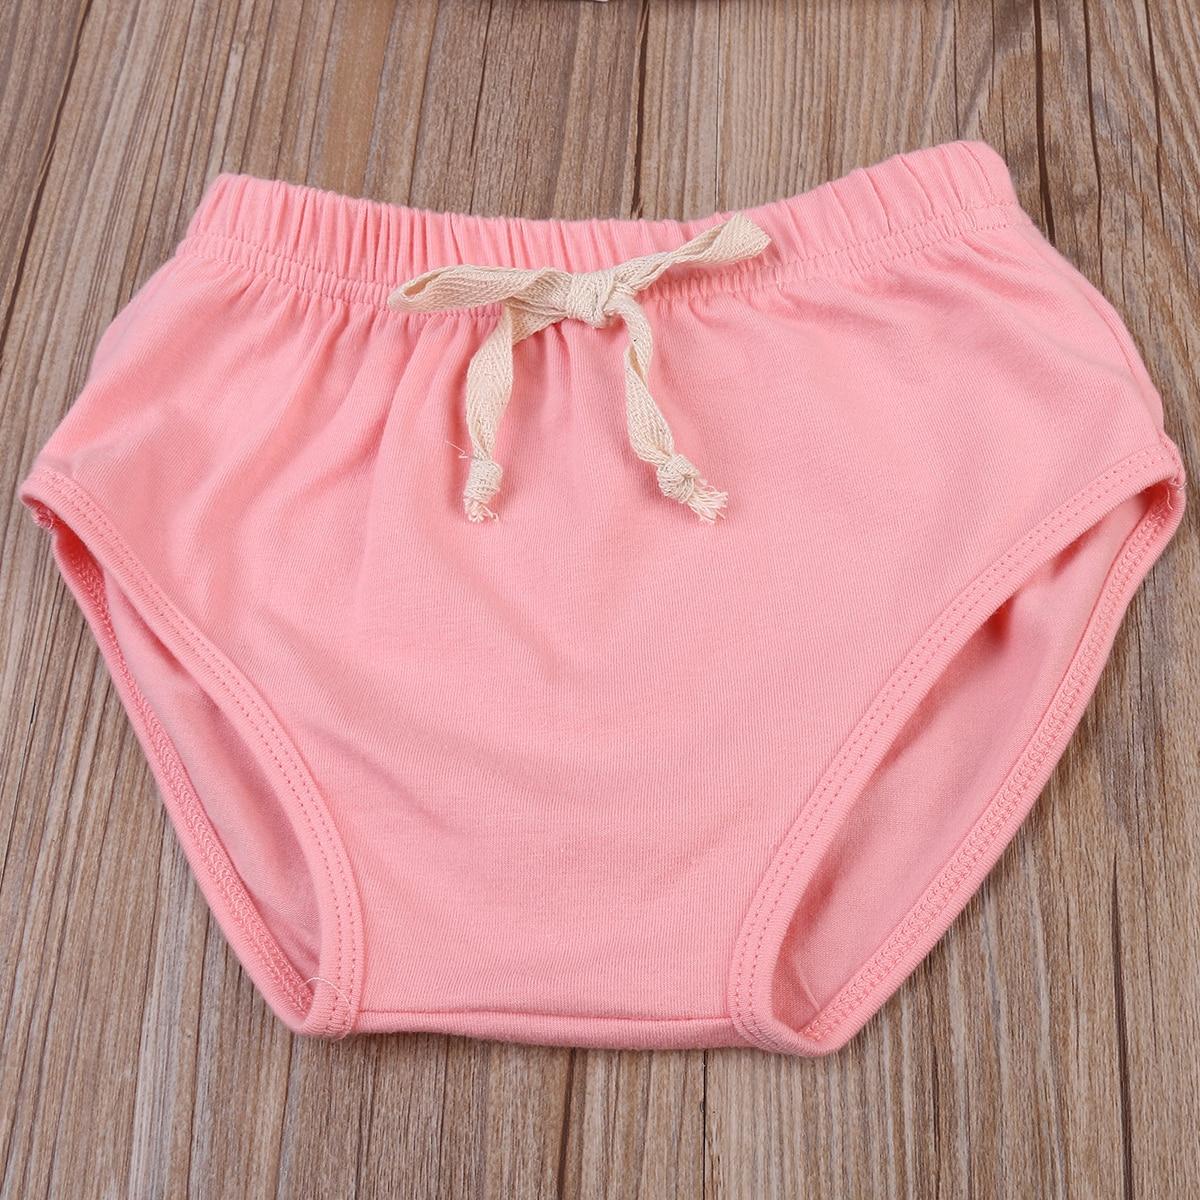 2PCS-Set-Cute-Newborn-Infant-Baby-Girl-Clothes-2017-Summer-Sleeveless-Tank-Tops-Ruffles-T-shirt-Bloomer-Bottoms-Outifts-Sunsuit-3